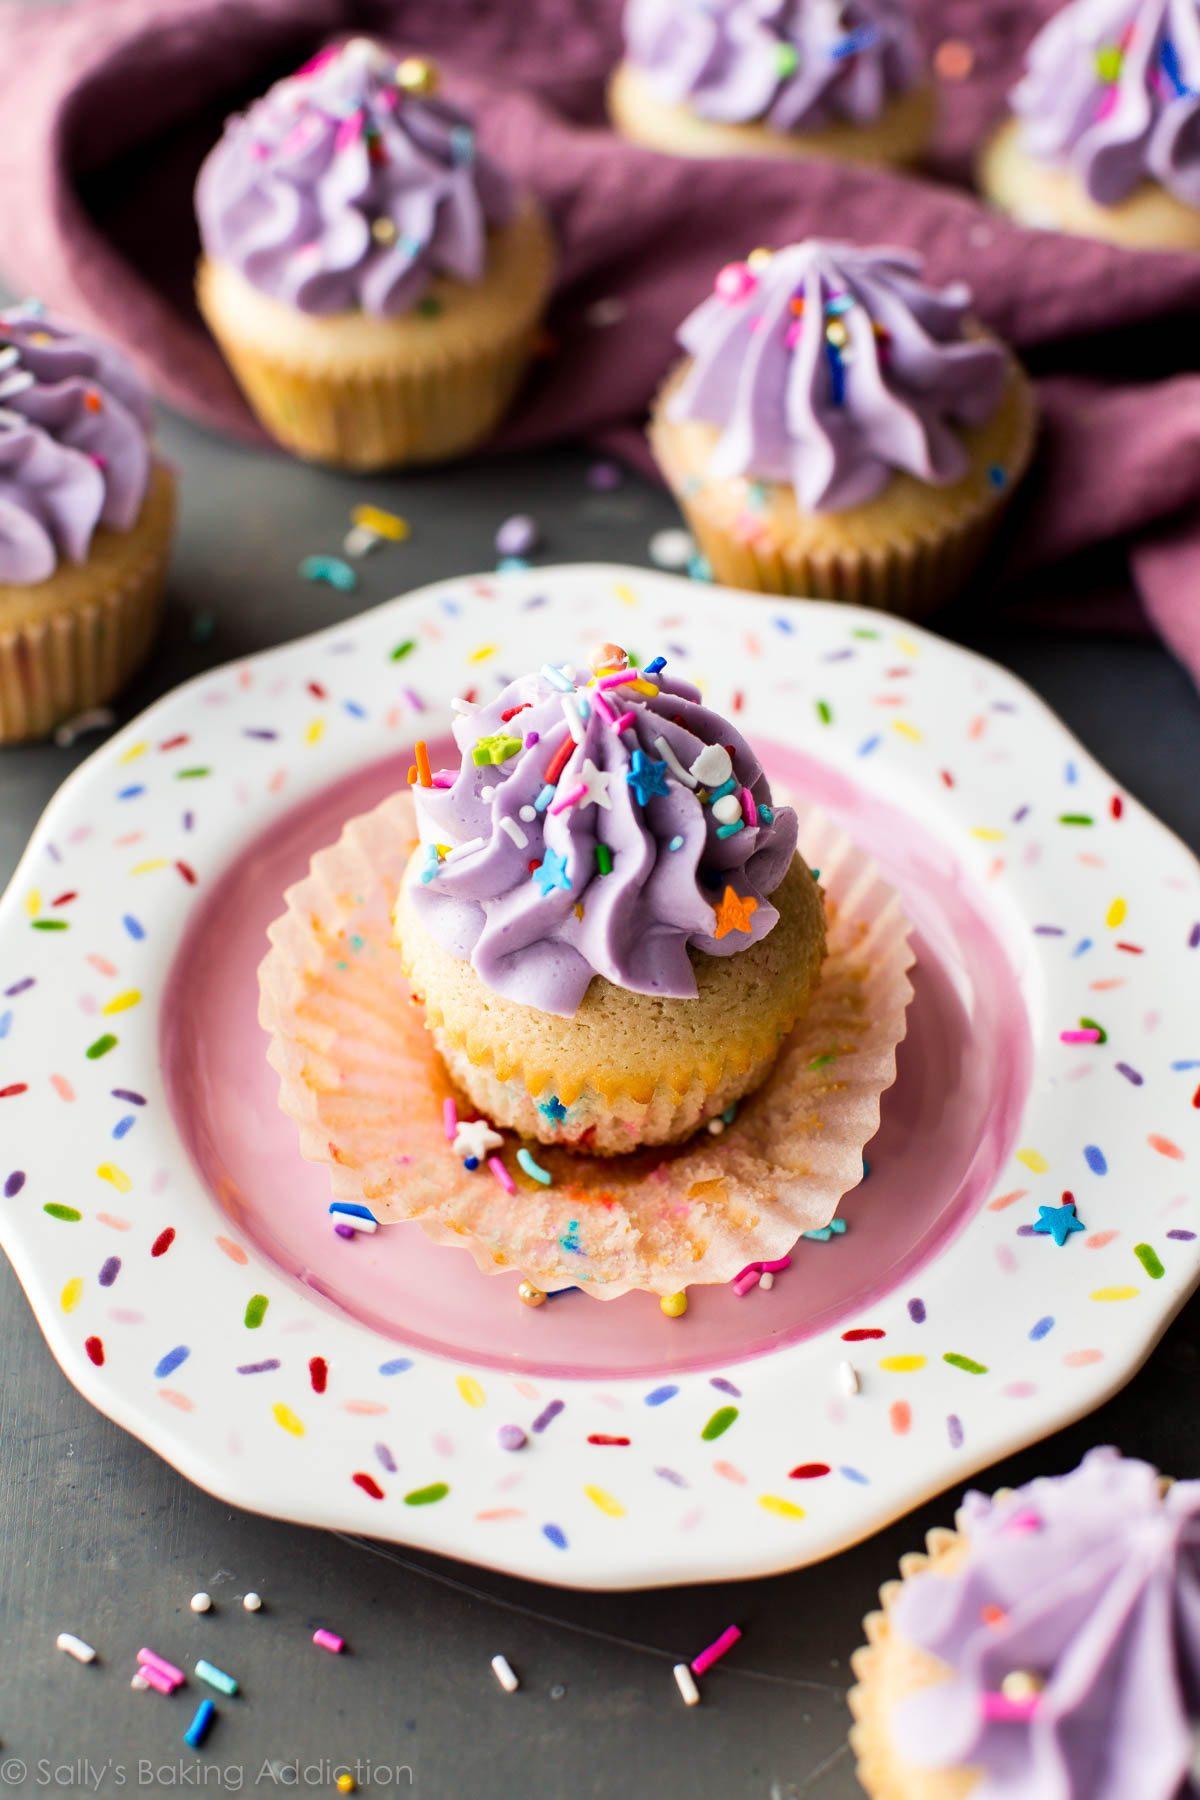 cupcake funfetti avec glaçage violet et arrose sur une assiette à saupoudrer